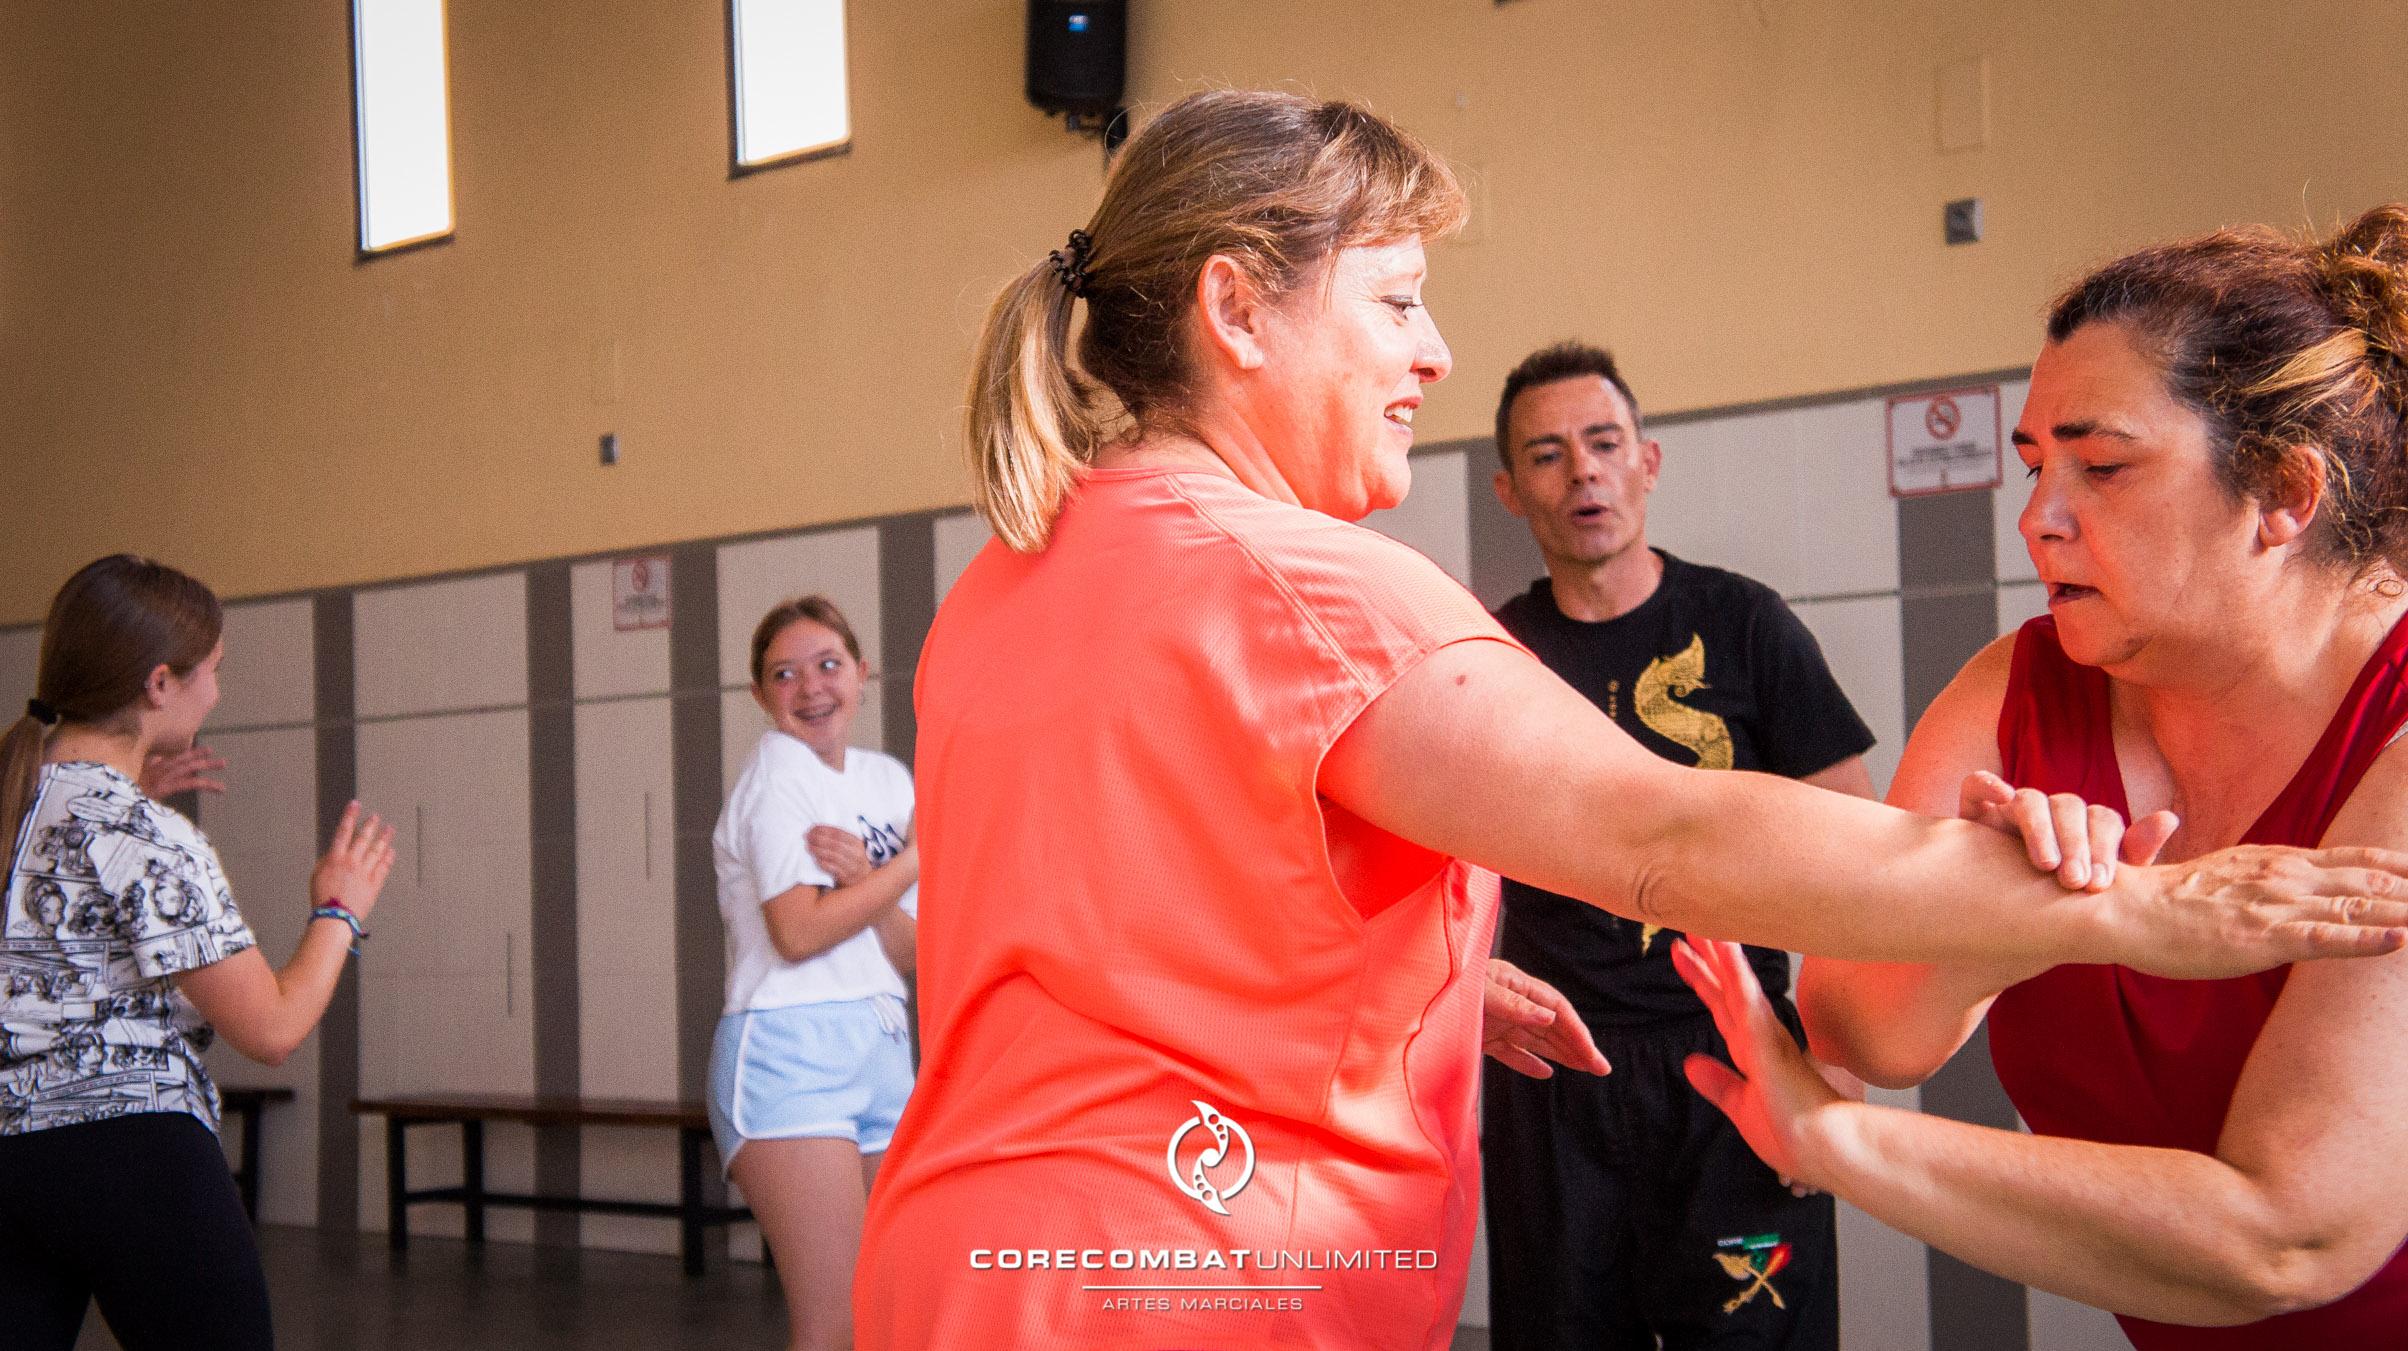 curso-defensa-personal-para-mujeres-zamora-coreses-artes-marciales-zamora-core-combat-salamanca-valladolid-leon-madrid-07